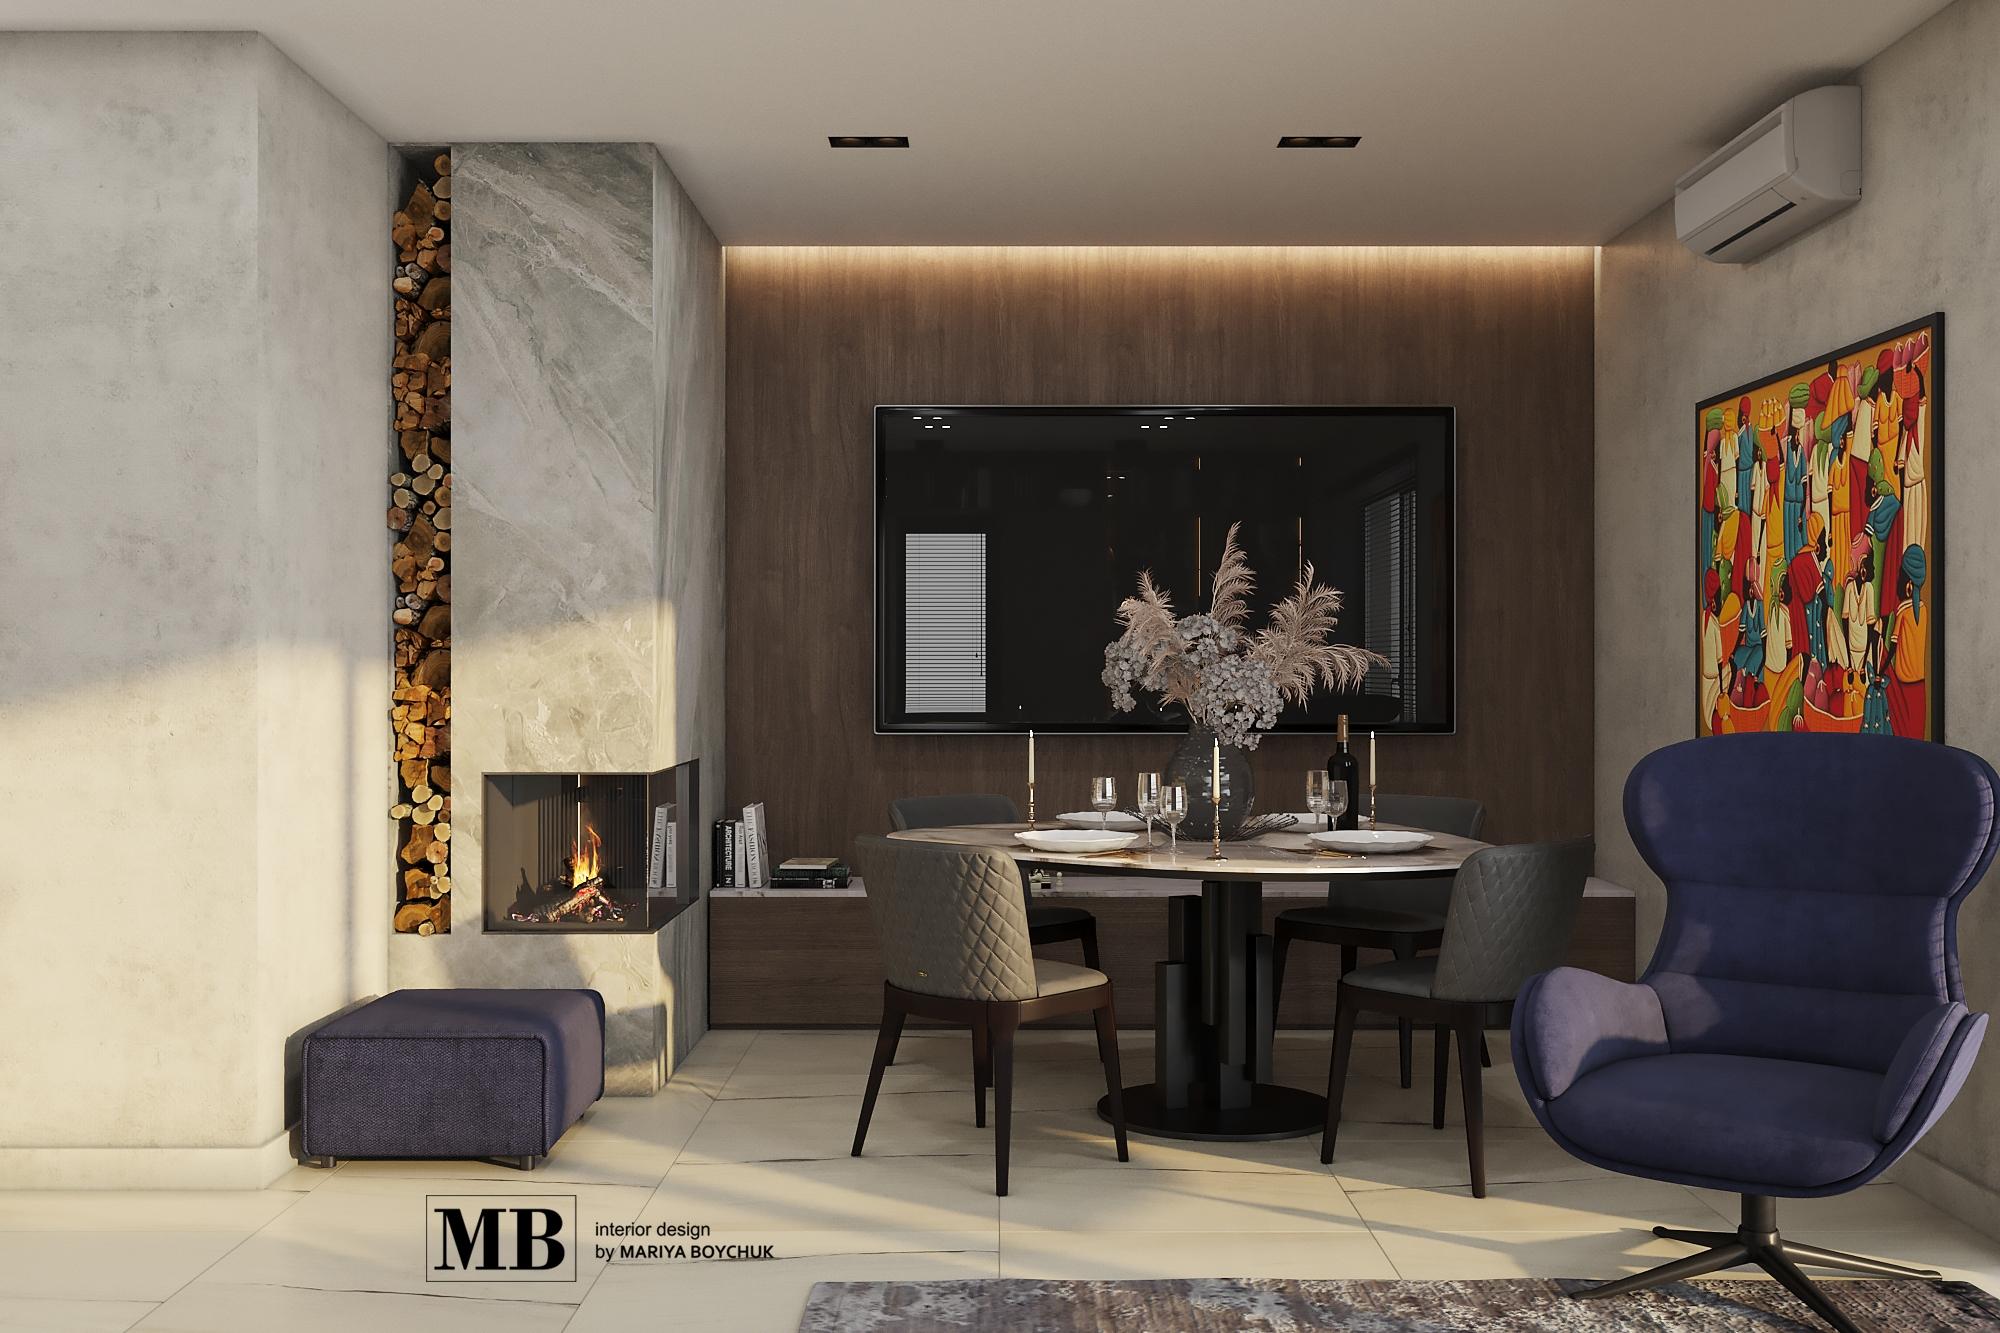 современный дизайн интерьера дома